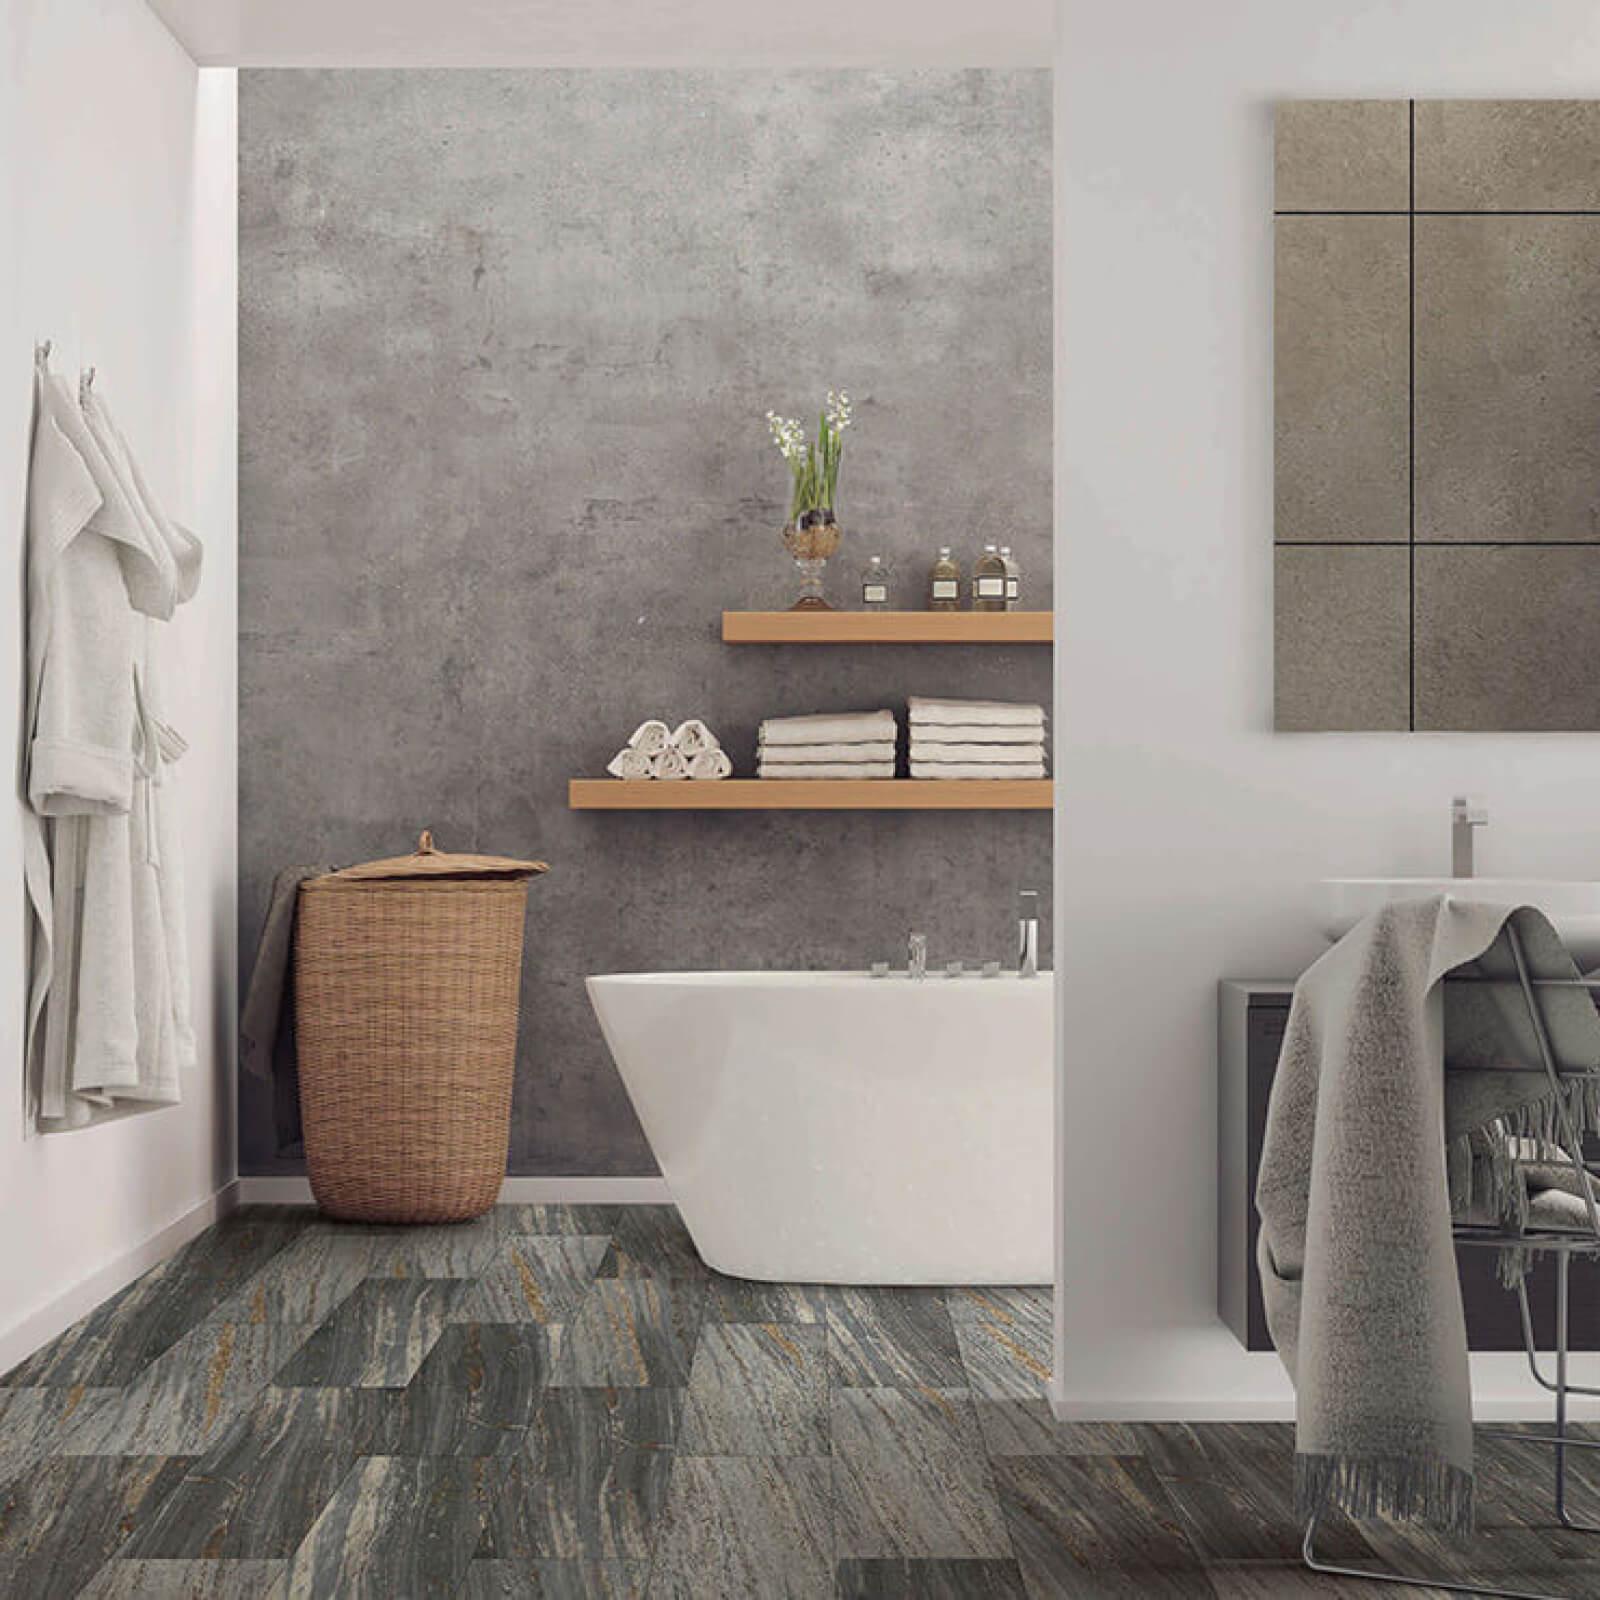 Bathroom flooring   Flooring by Wilson's Carpet Plus